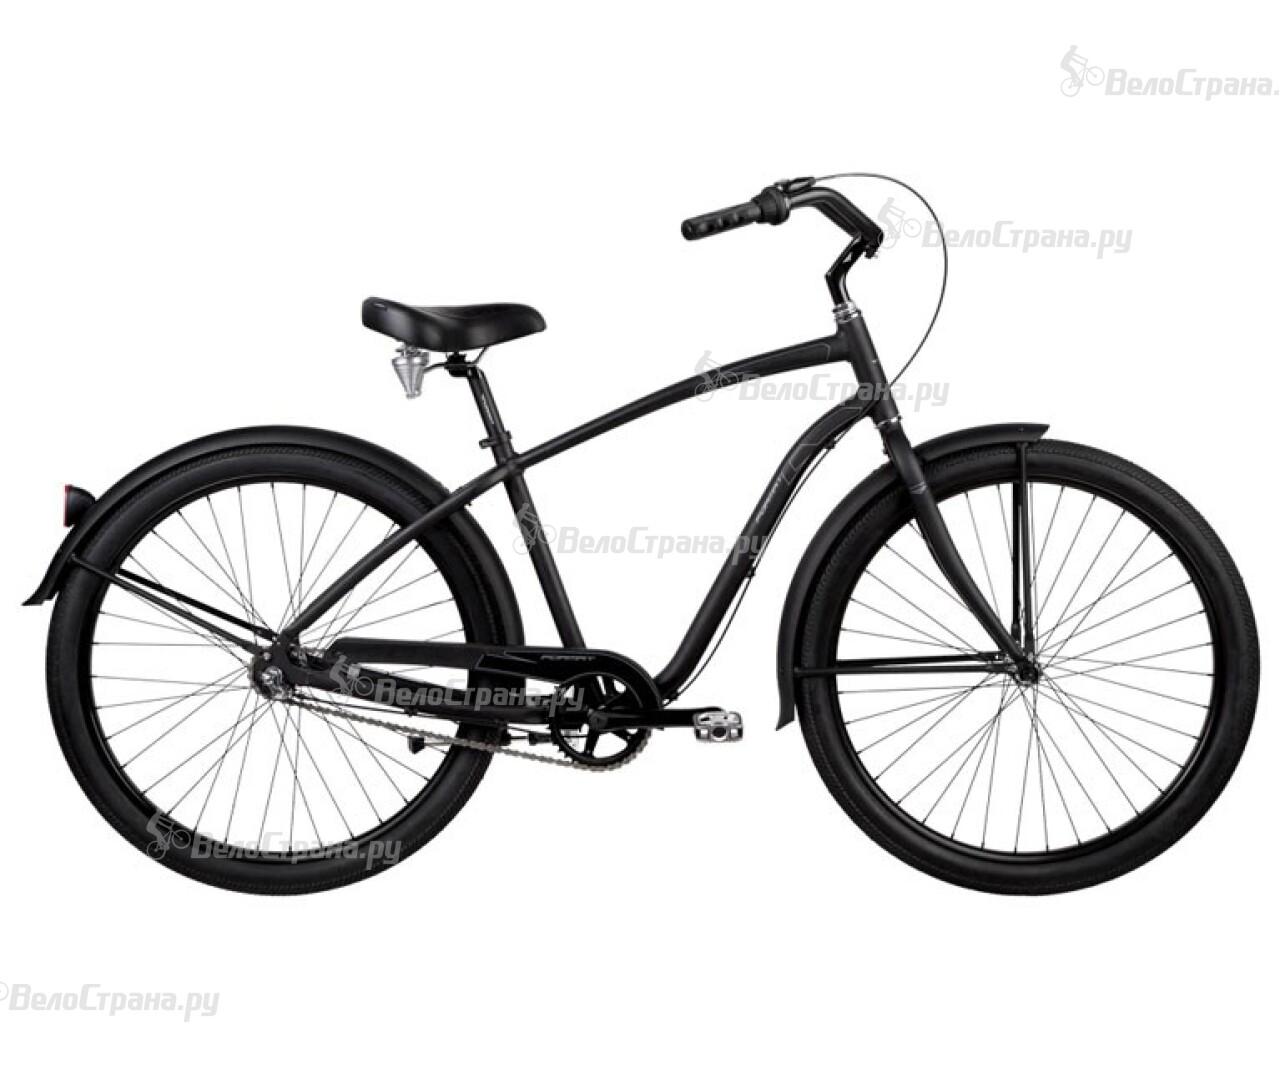 Велосипед Format 5512 (2014) велосипед format 1212 2014